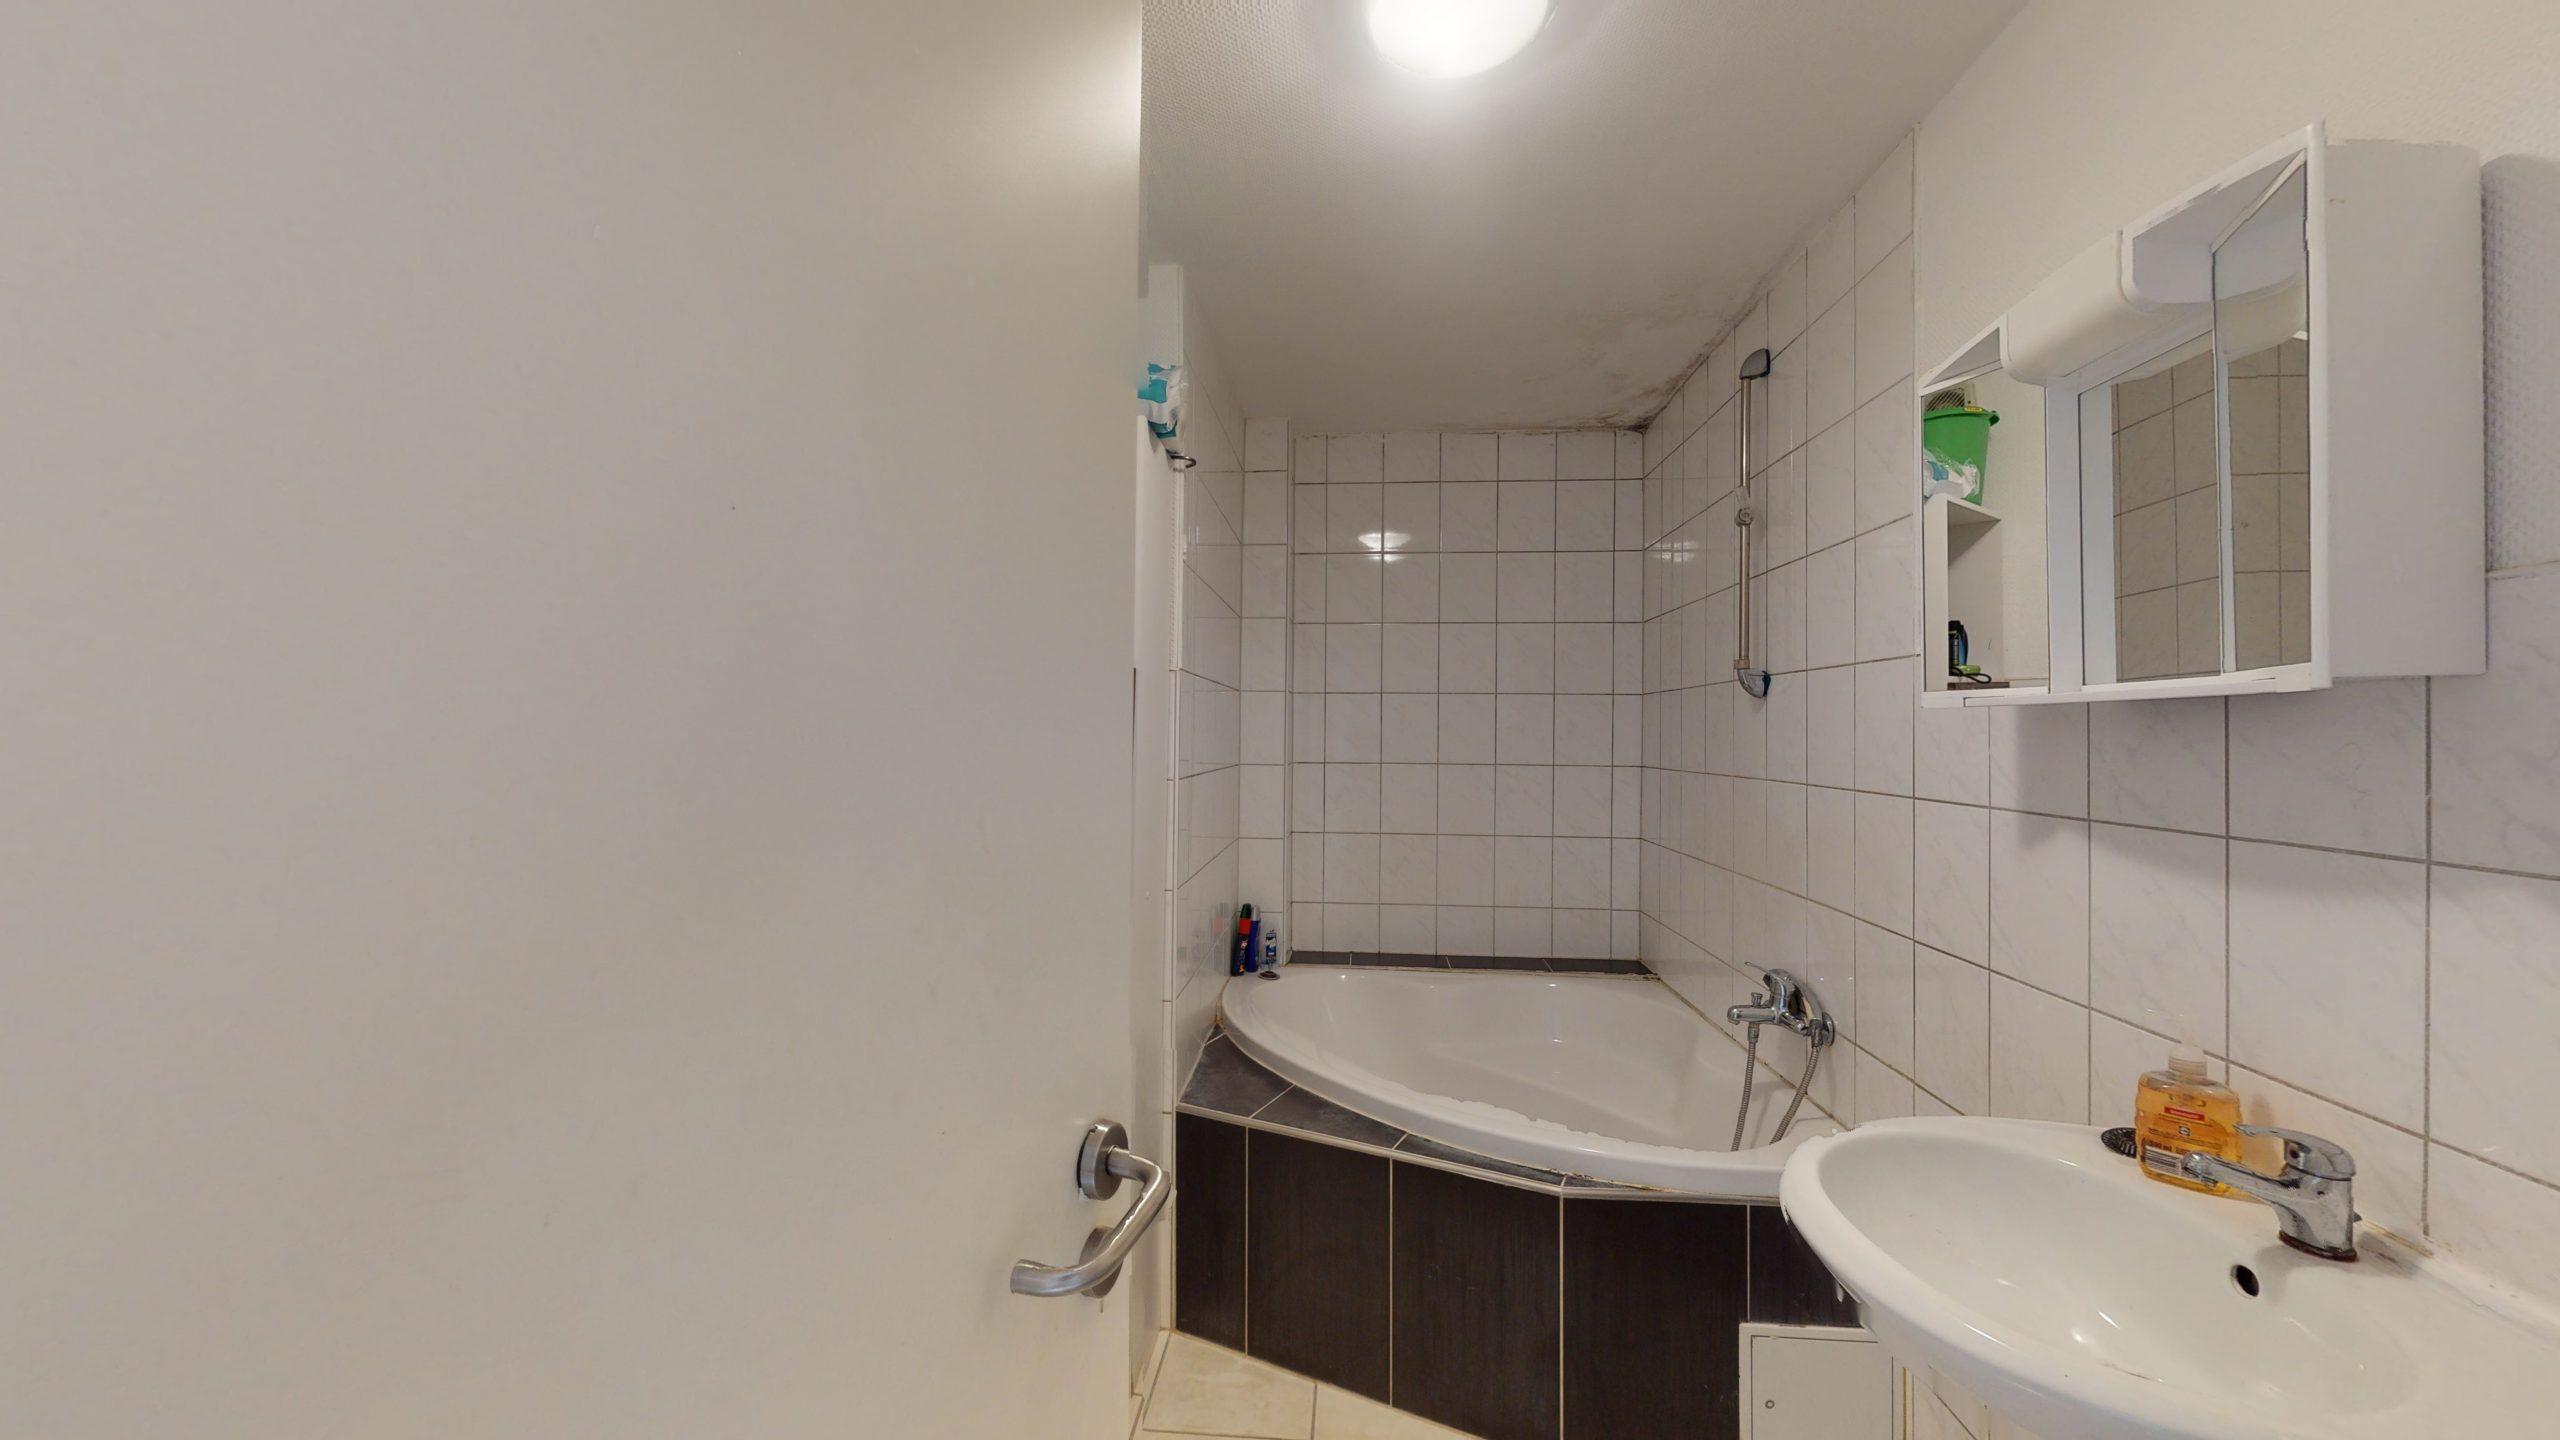 Schone-4-Zimmer-Wohnung-mit-2-Balkonen-und-viel-Platz-in-Altbach-02162021_095905